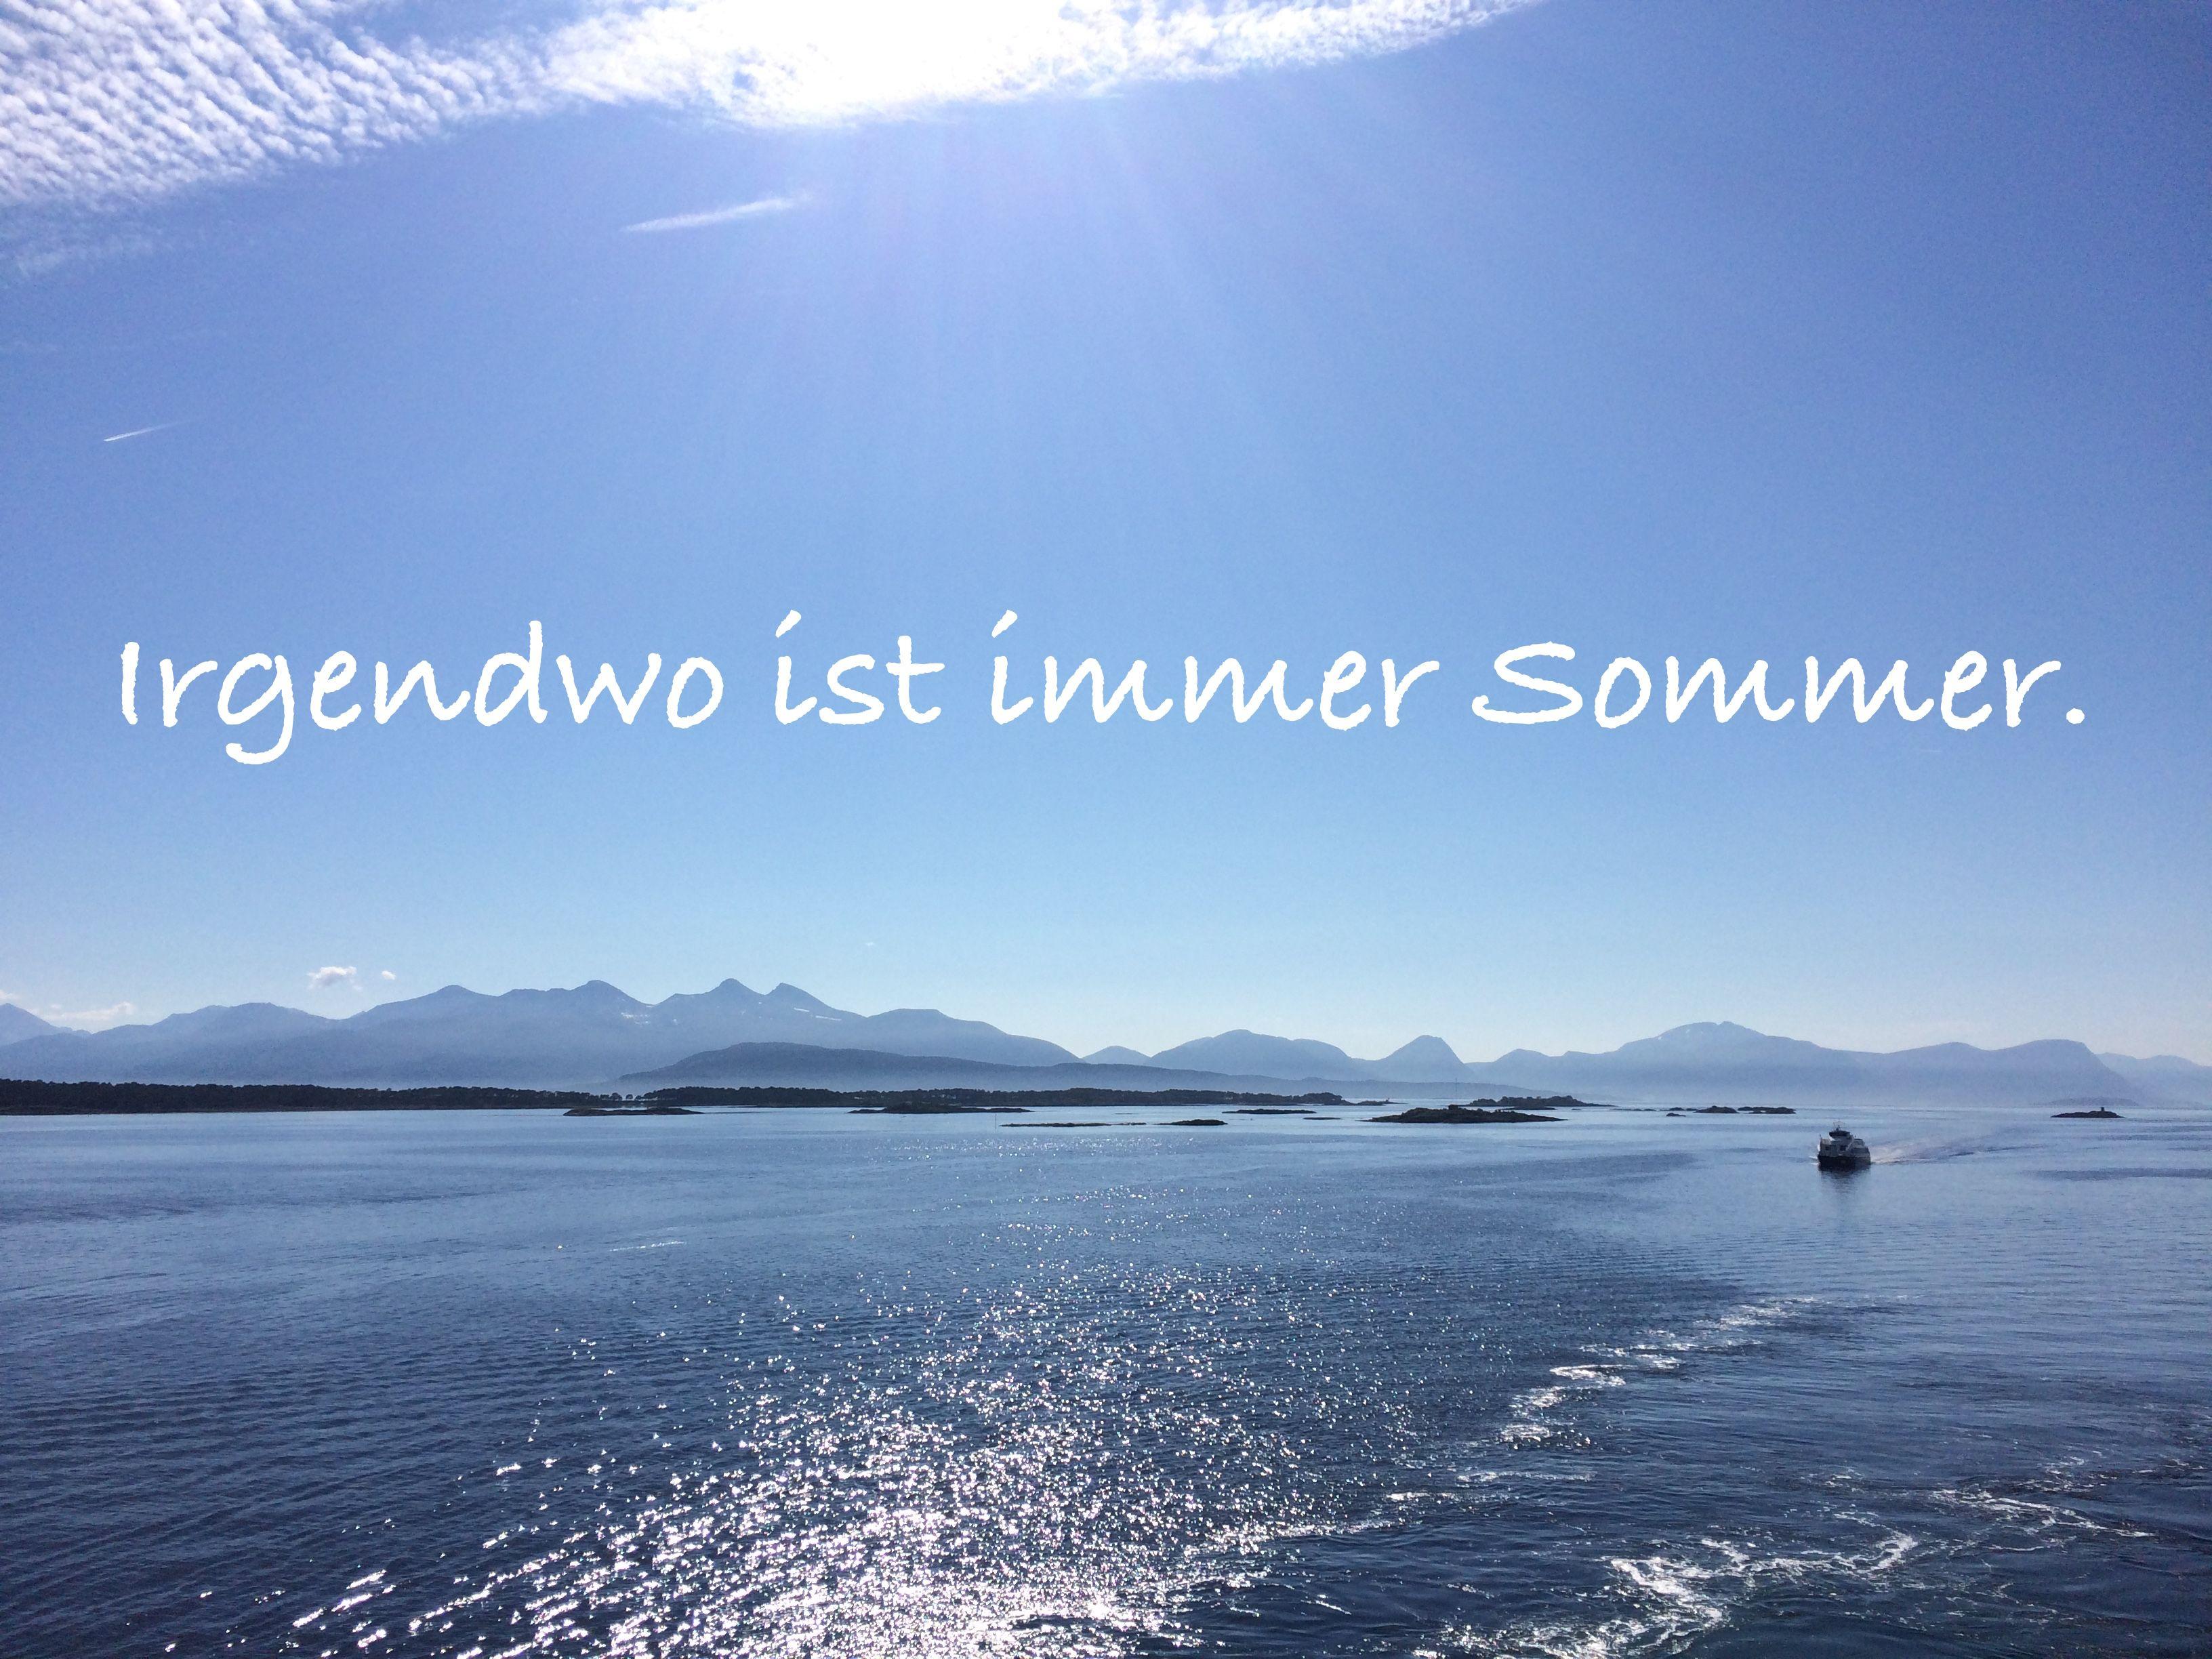 Sommer #Urlaub #Travel #Reisen #Meer #Zitate #Sprüche